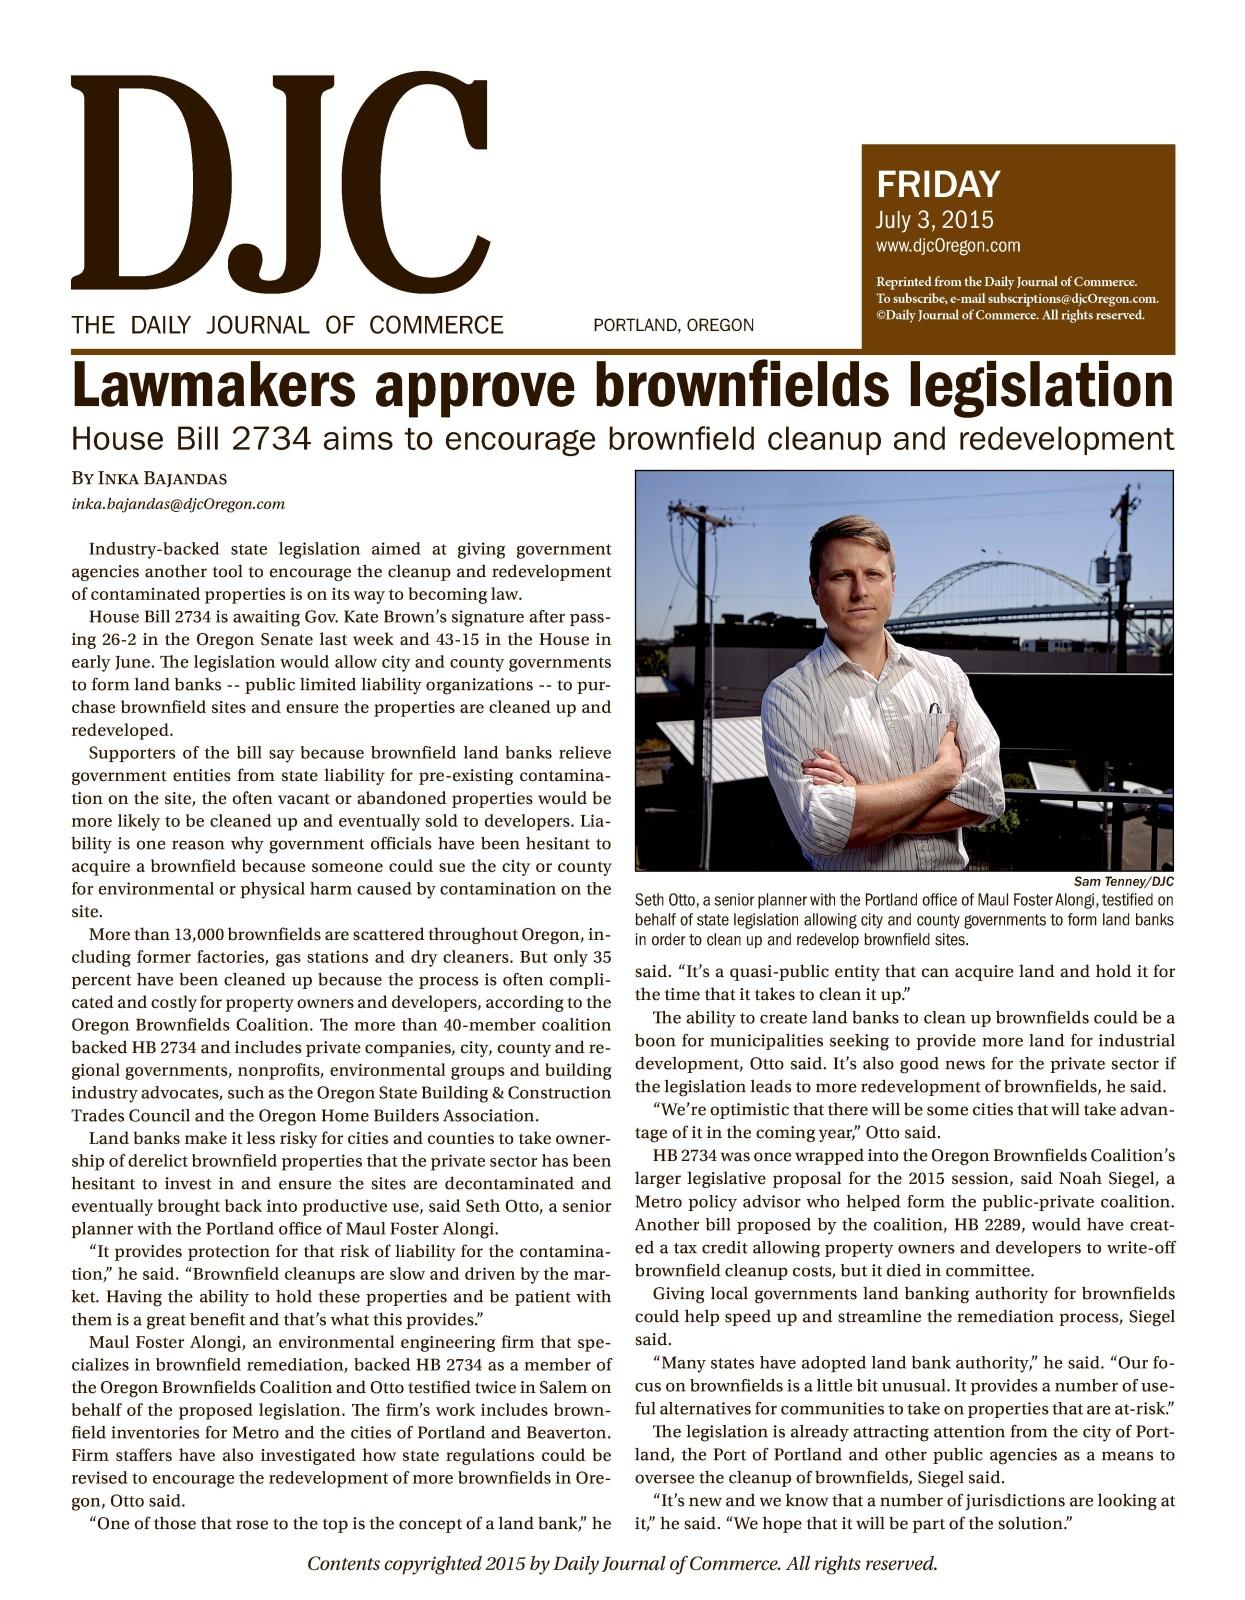 2015.07.03 OR DJC Seth & Brownfield Legislation